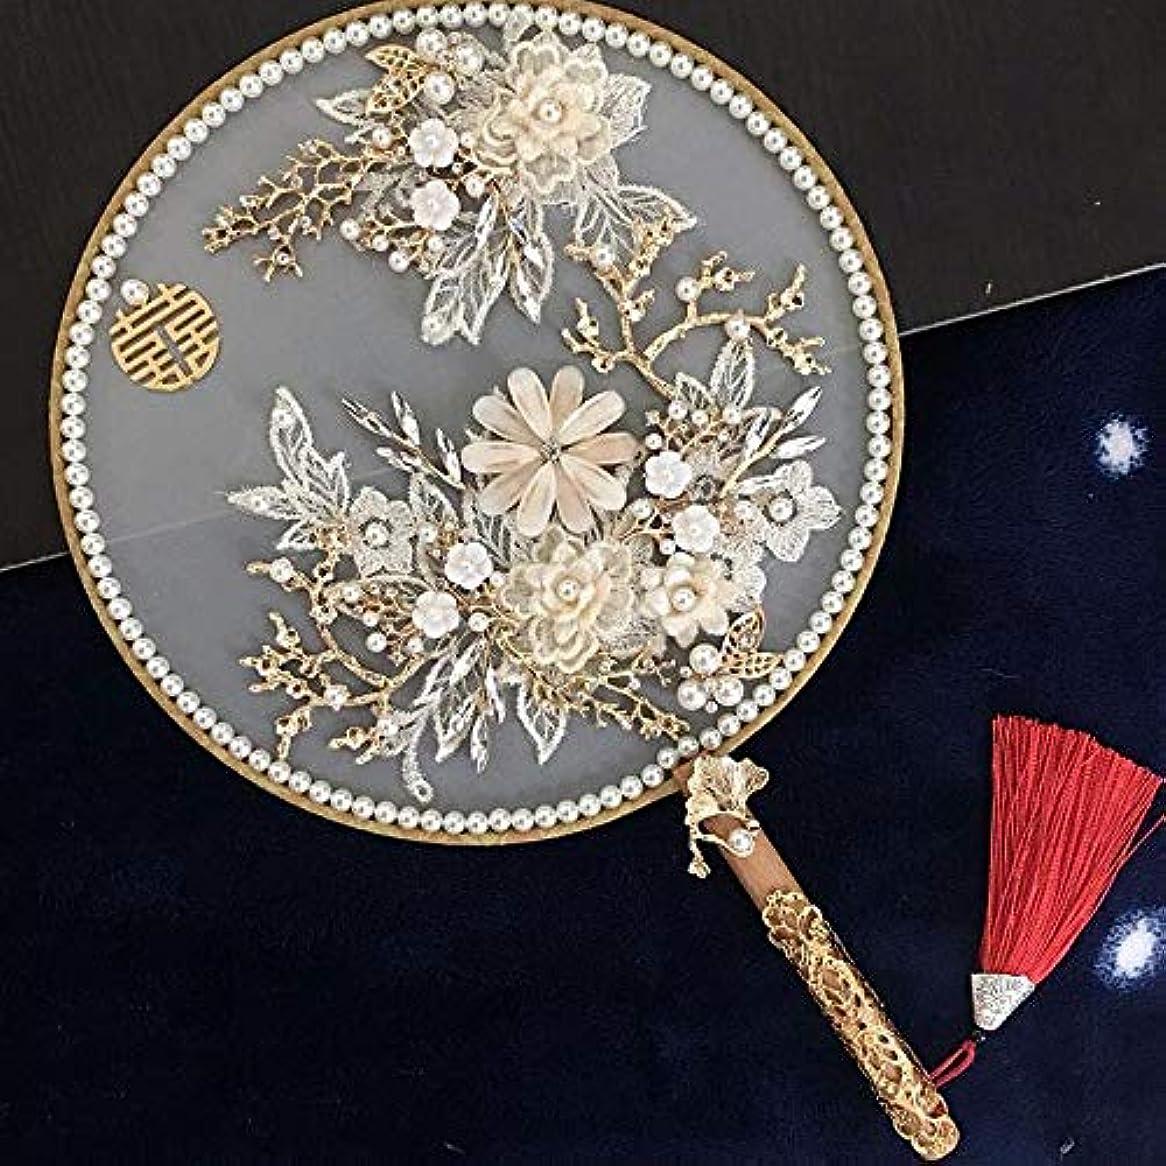 過度のモールス信号トーナメントQIANZICAI 扇子、中国風の絹のうちわ、ダンス写真の小道具、ホームアクセサリー、コレクション、サイズ21CM * 35.5CM 滑らかな感触 (Color : Gold-C)